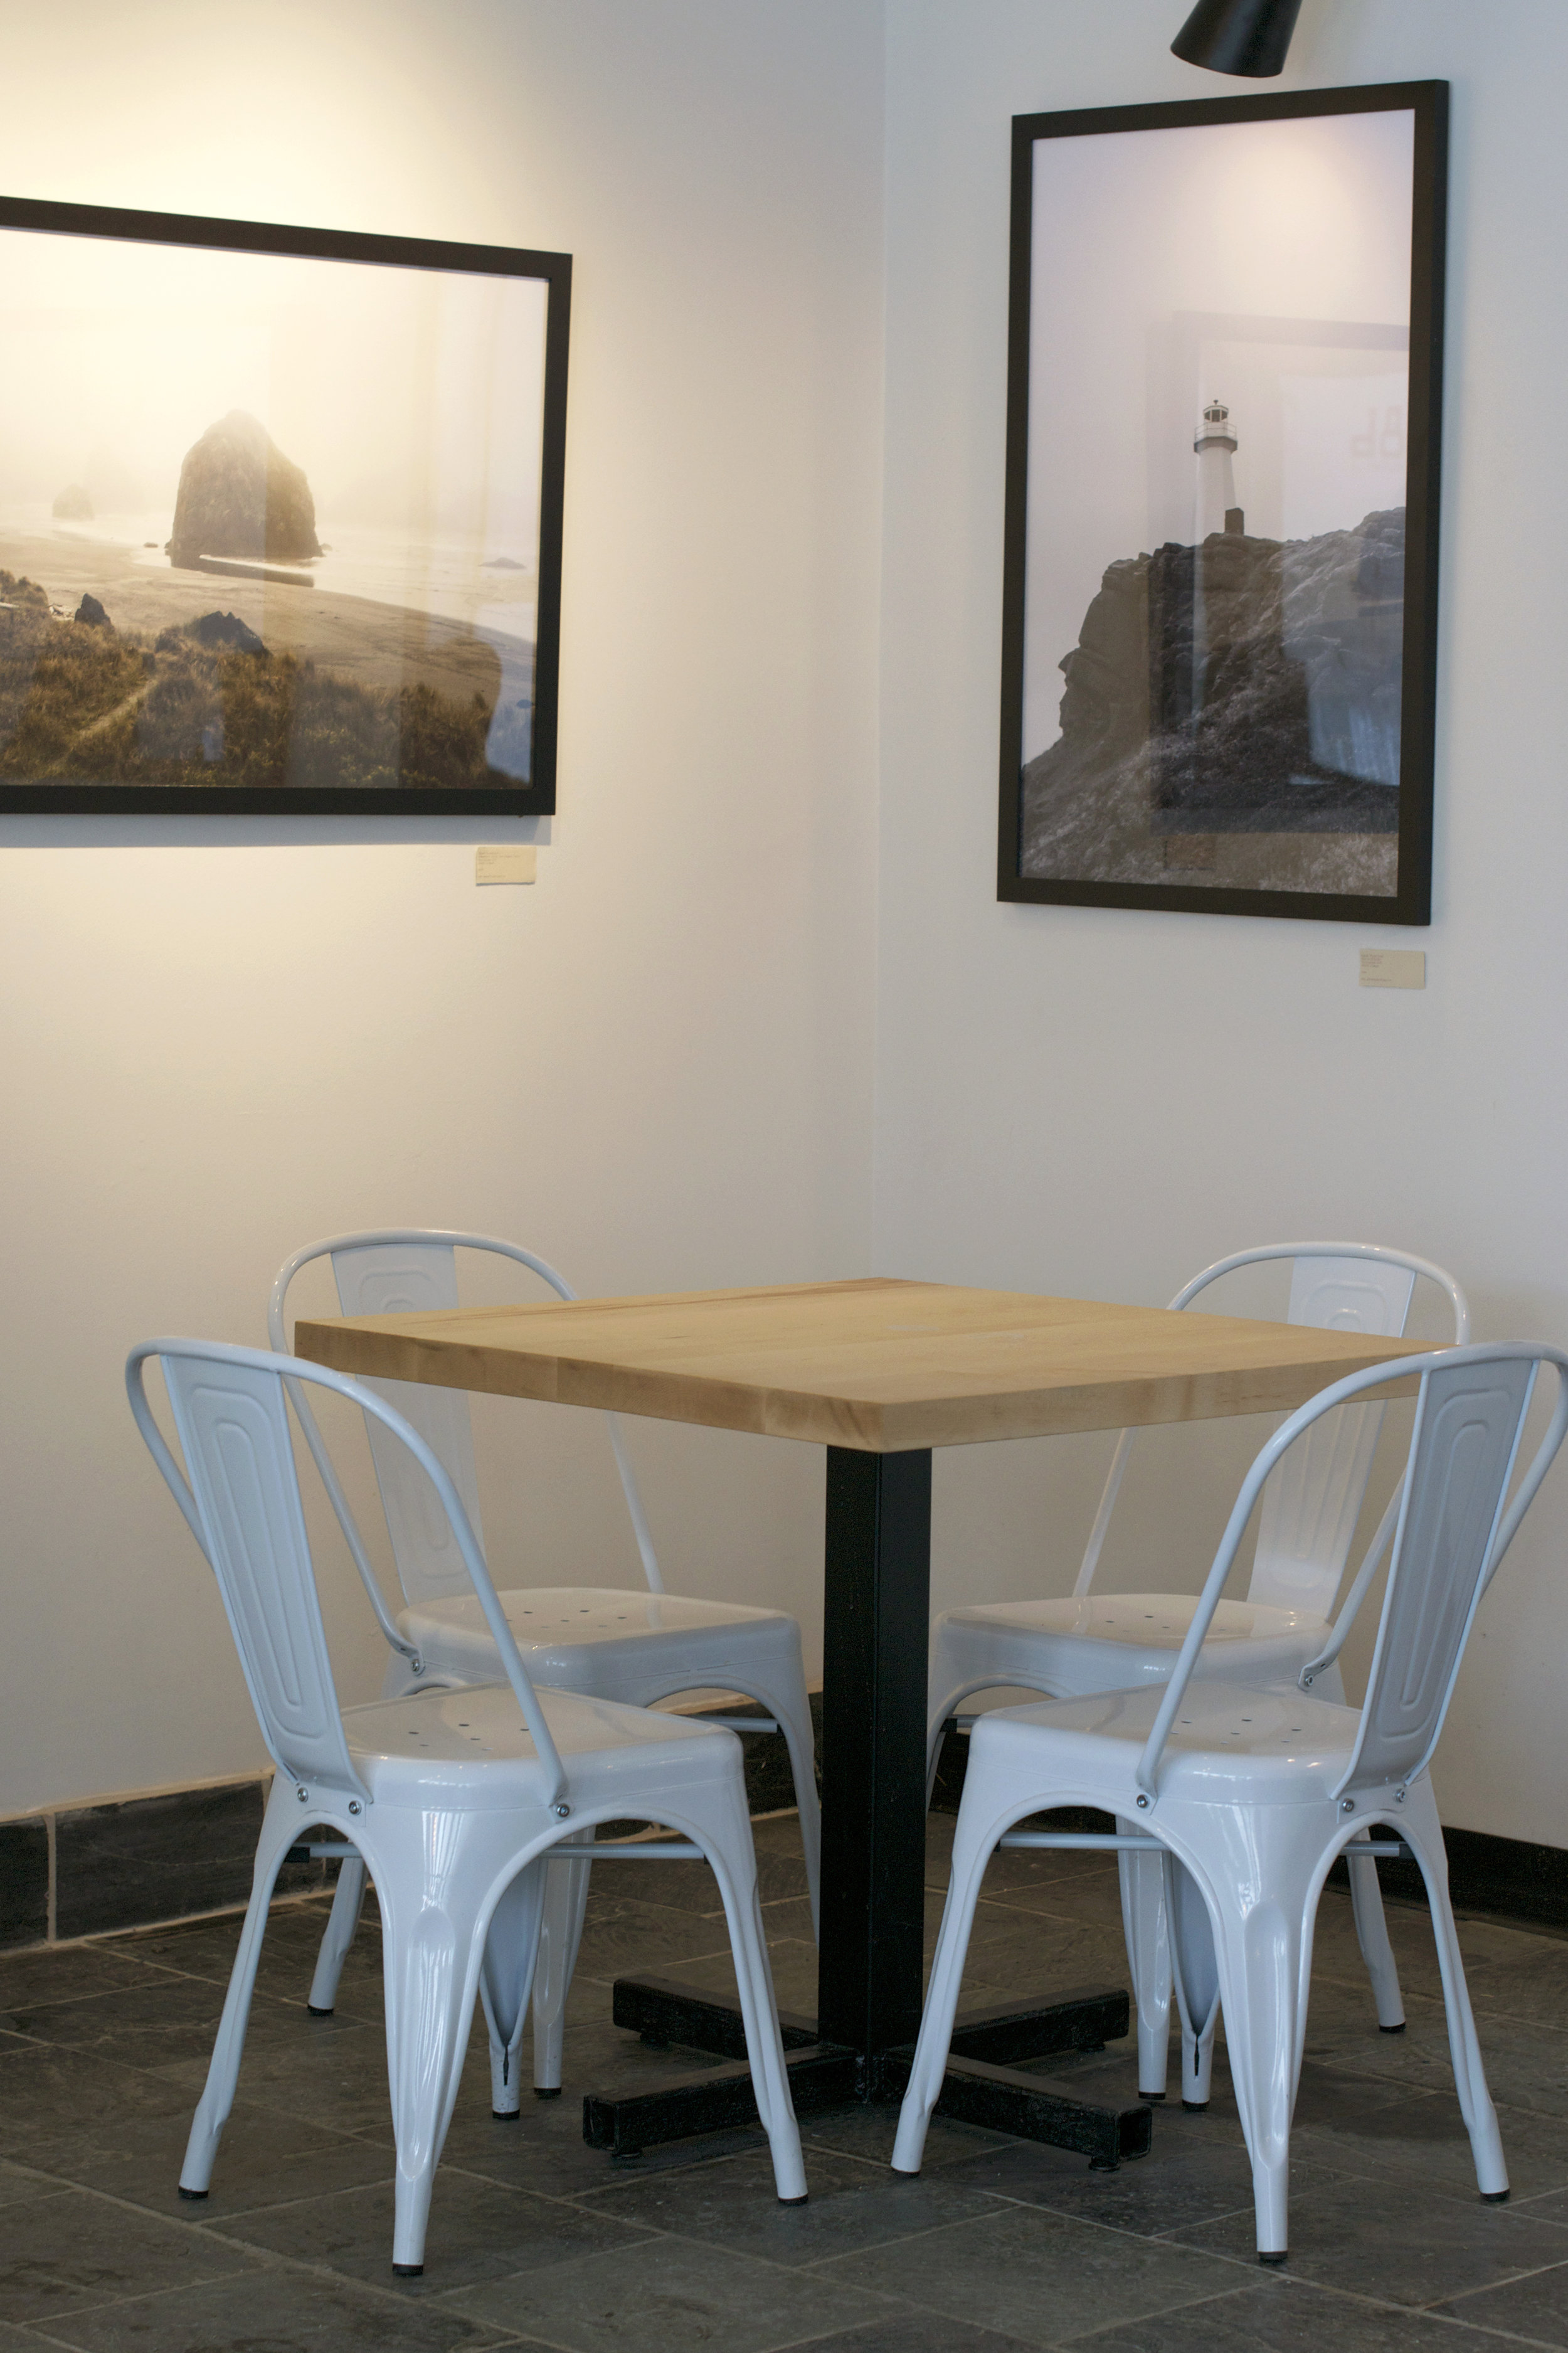 sarahs-art-corner-table.jpg